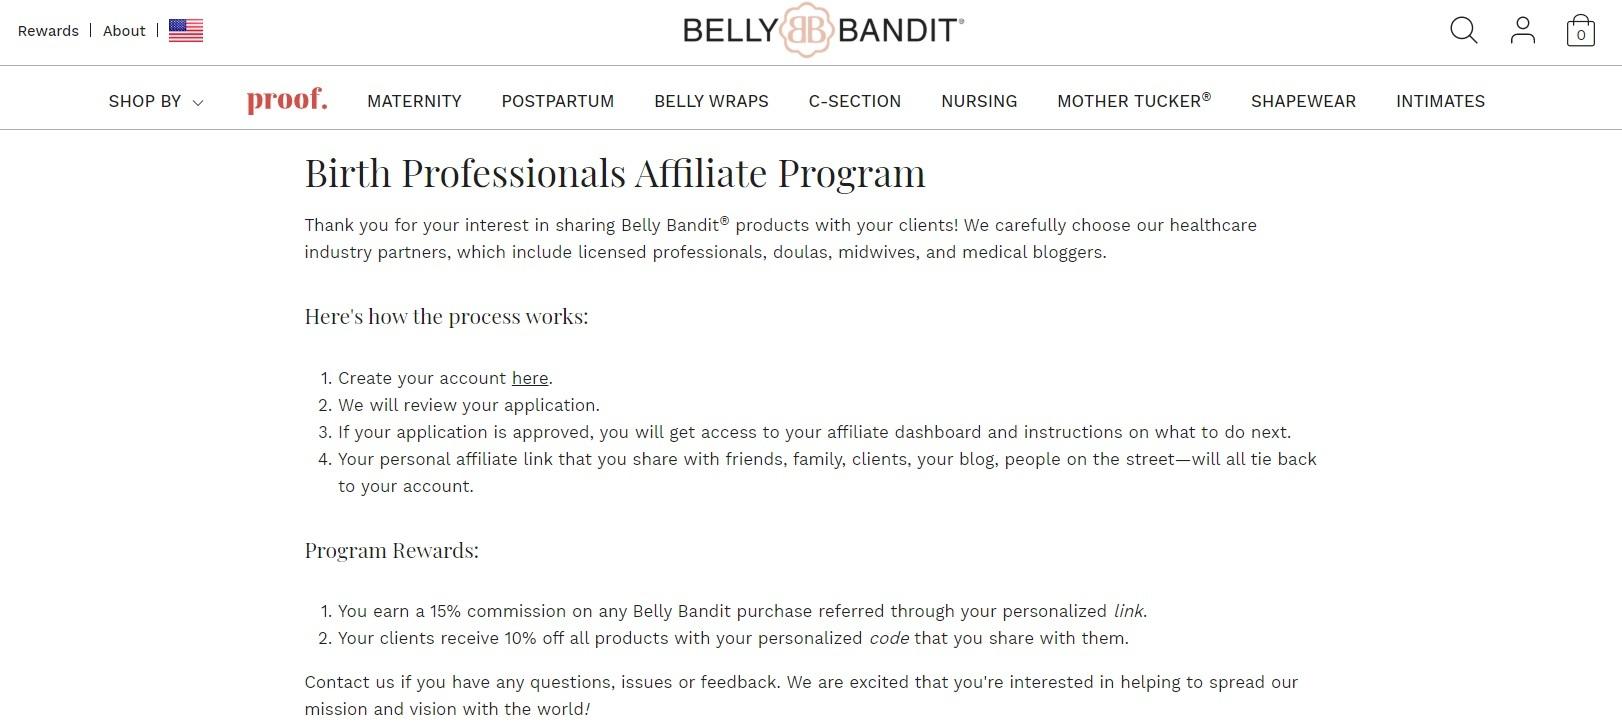 Belly Bandit Affiliate Program